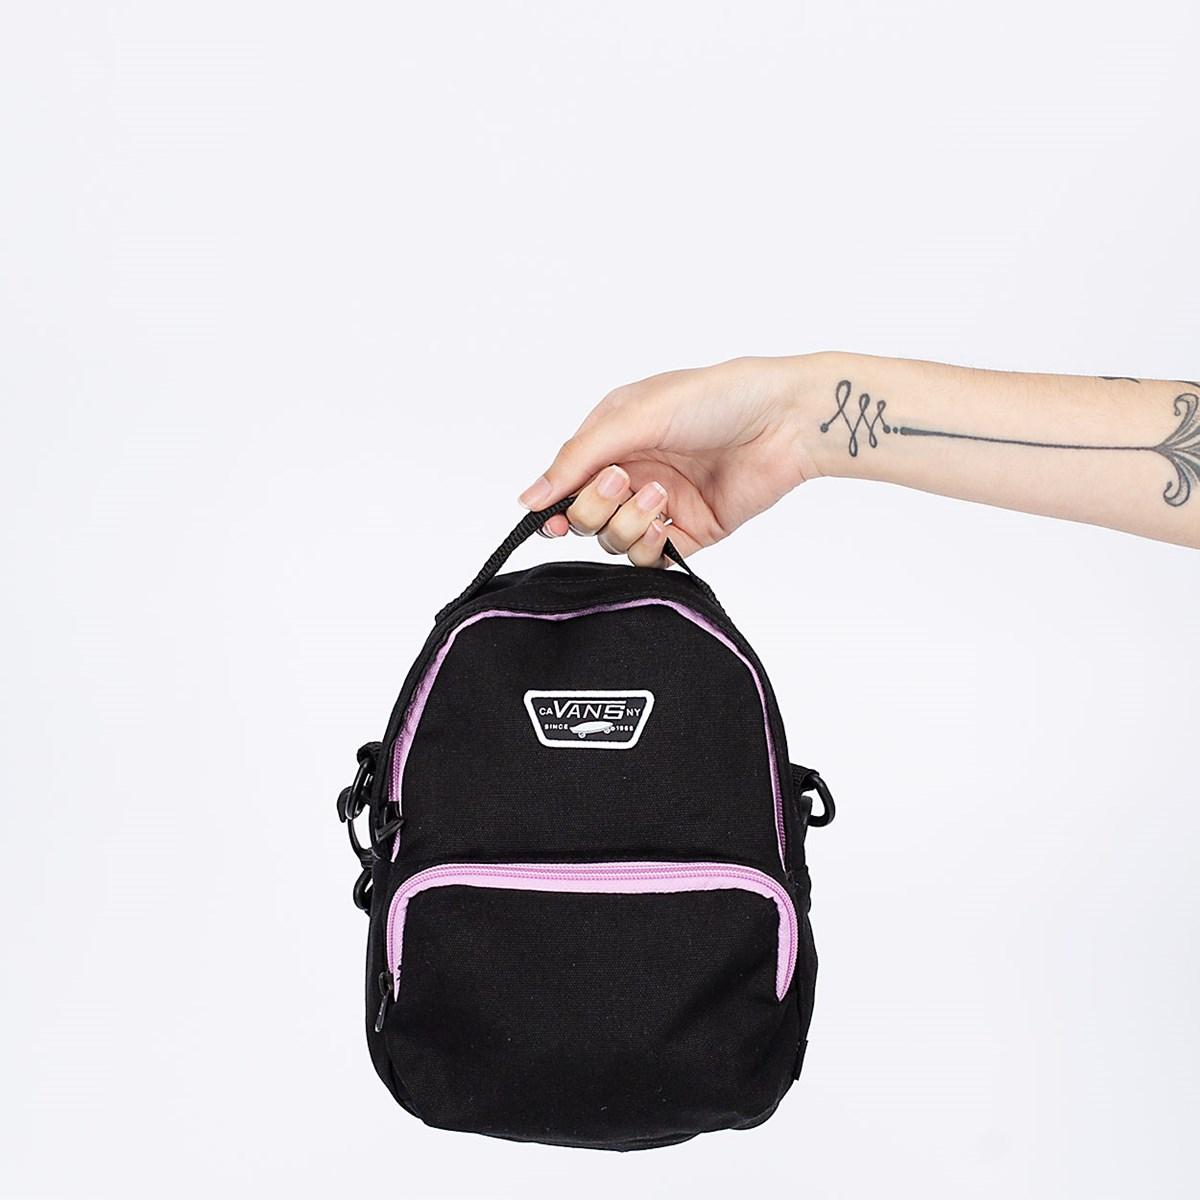 Mochila Vans Warped Mini Bag Black VN0A5DP6BLK